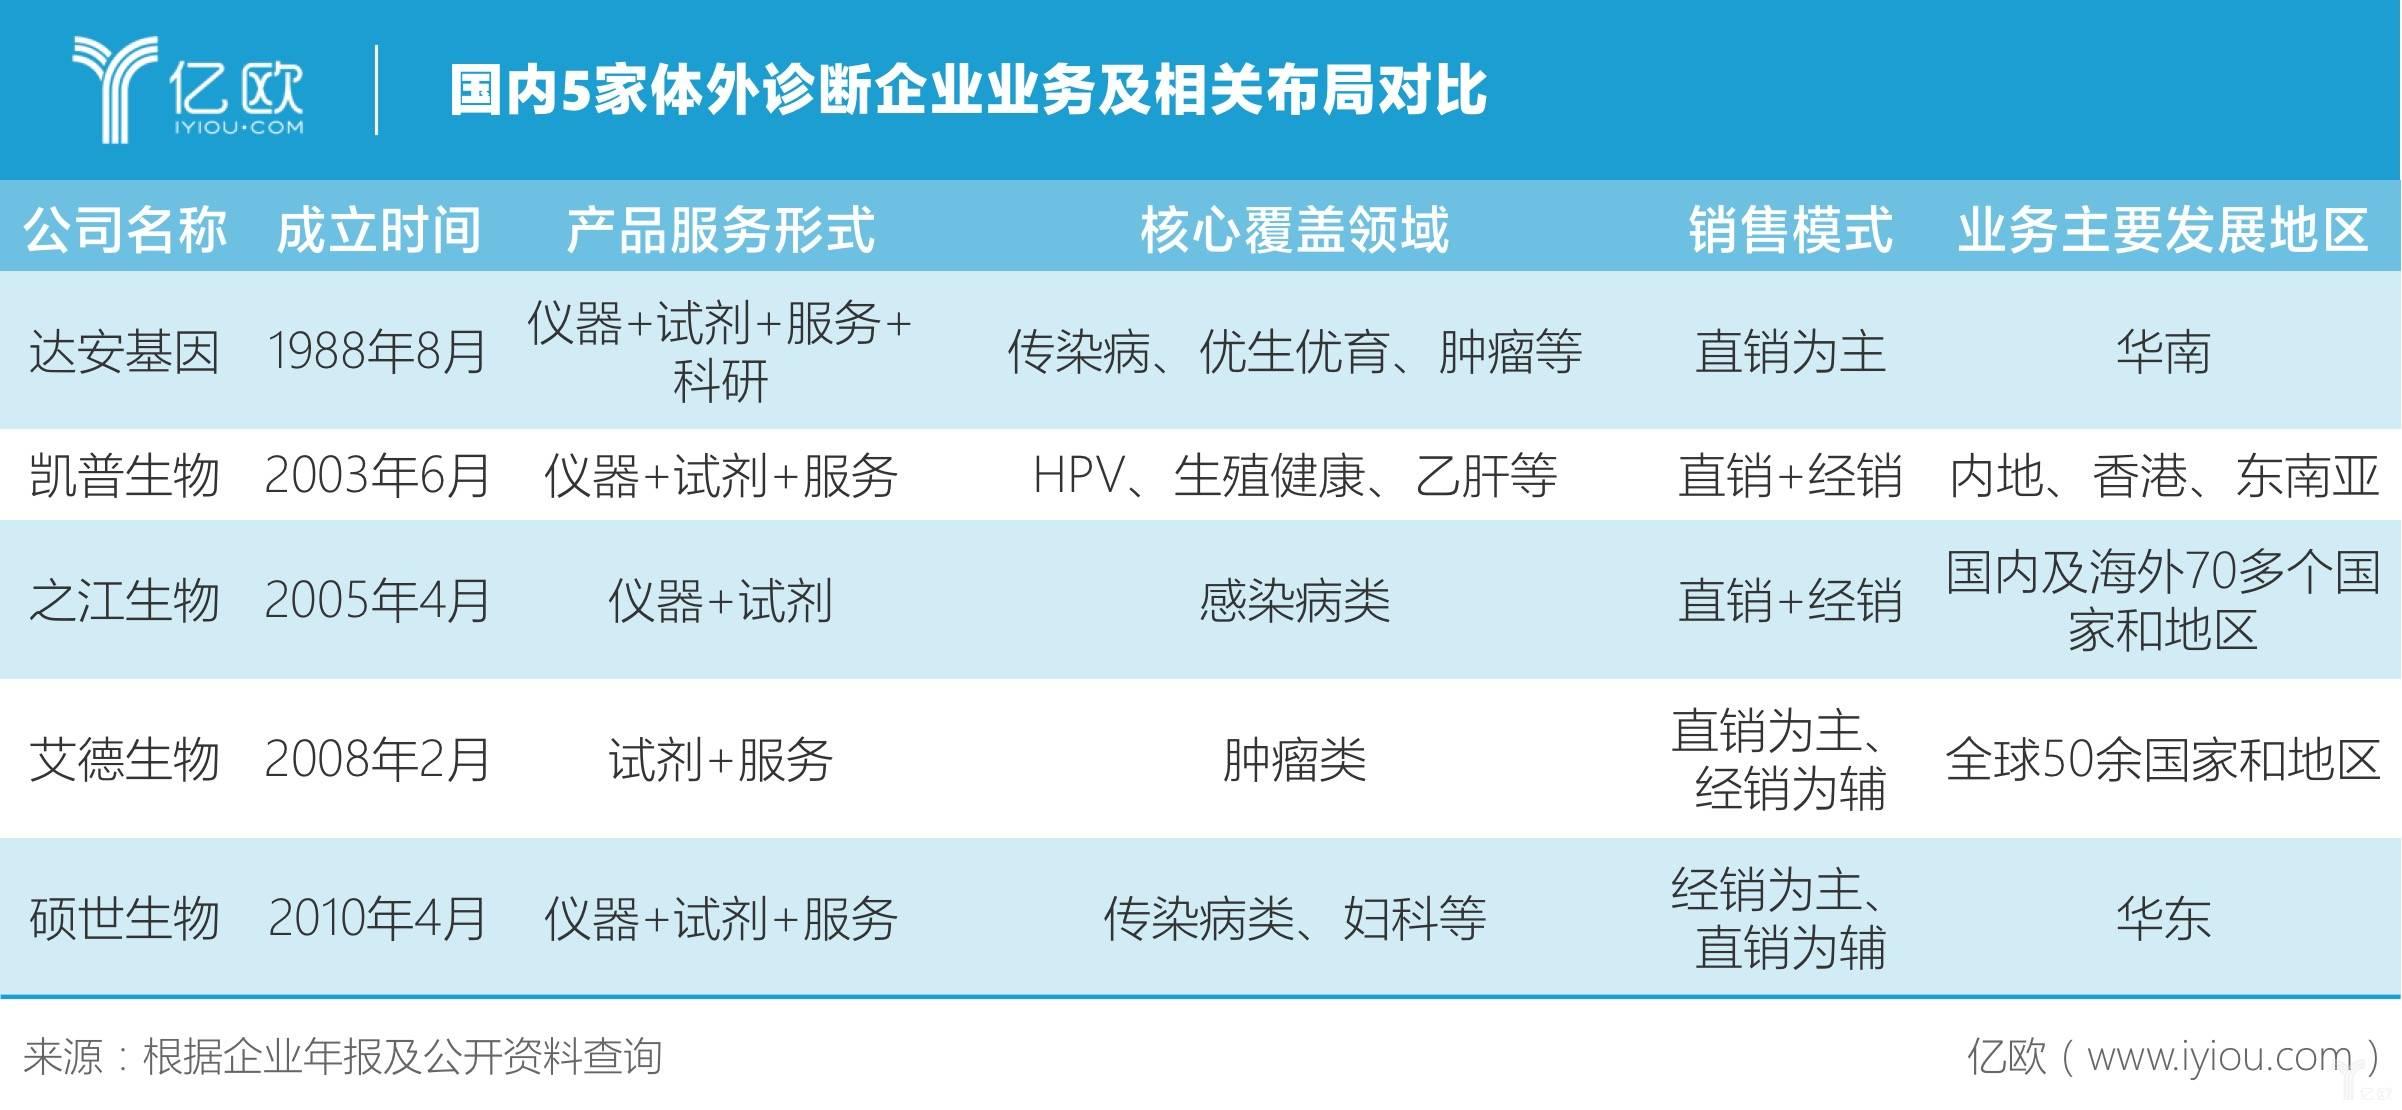 国内5家体外诊断企业对比